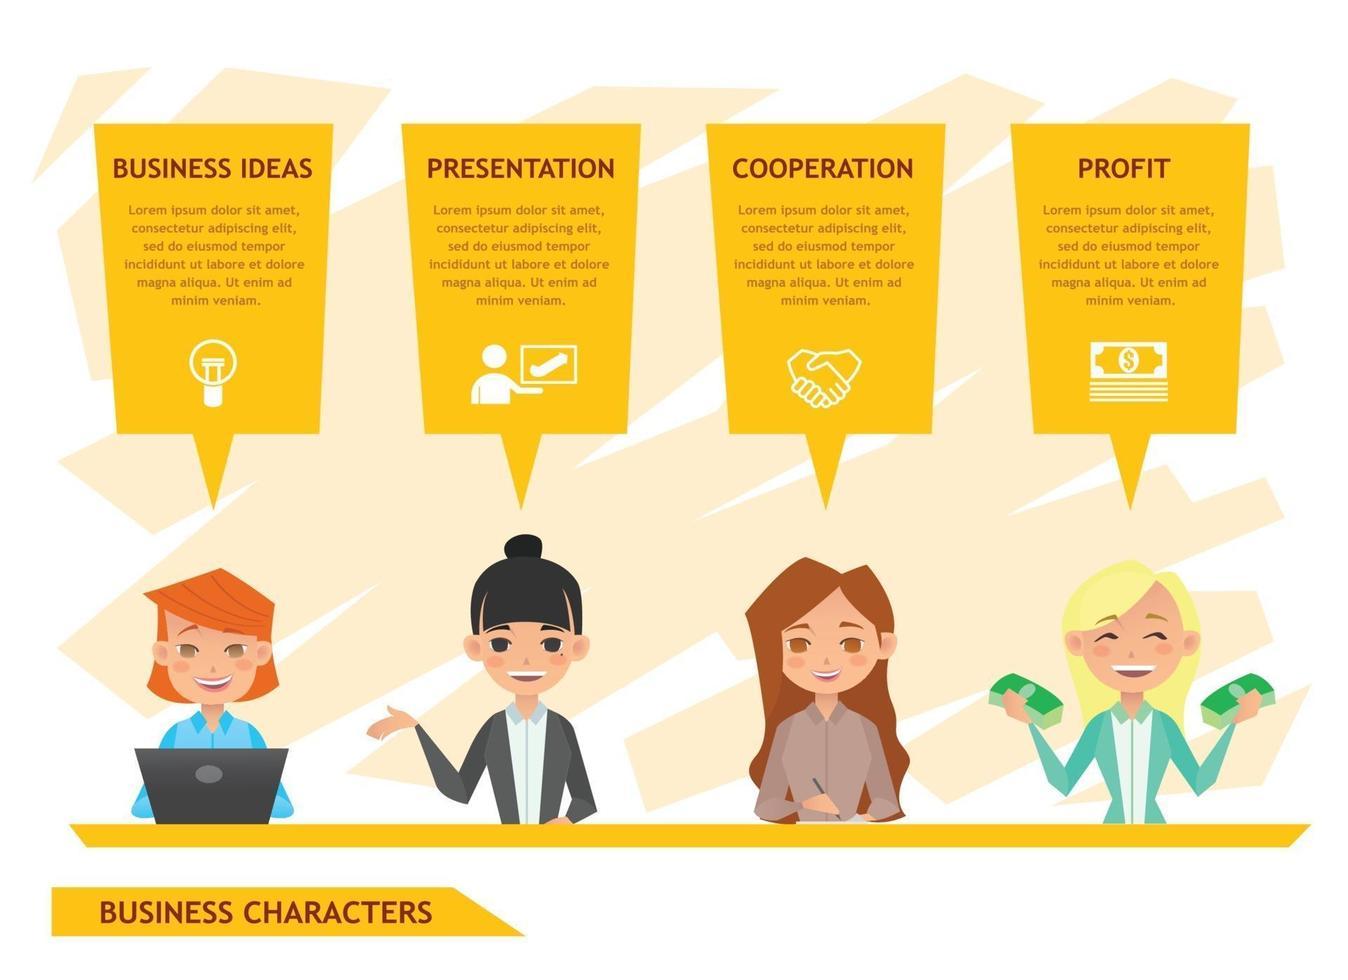 affärsmän karaktärer design vektor